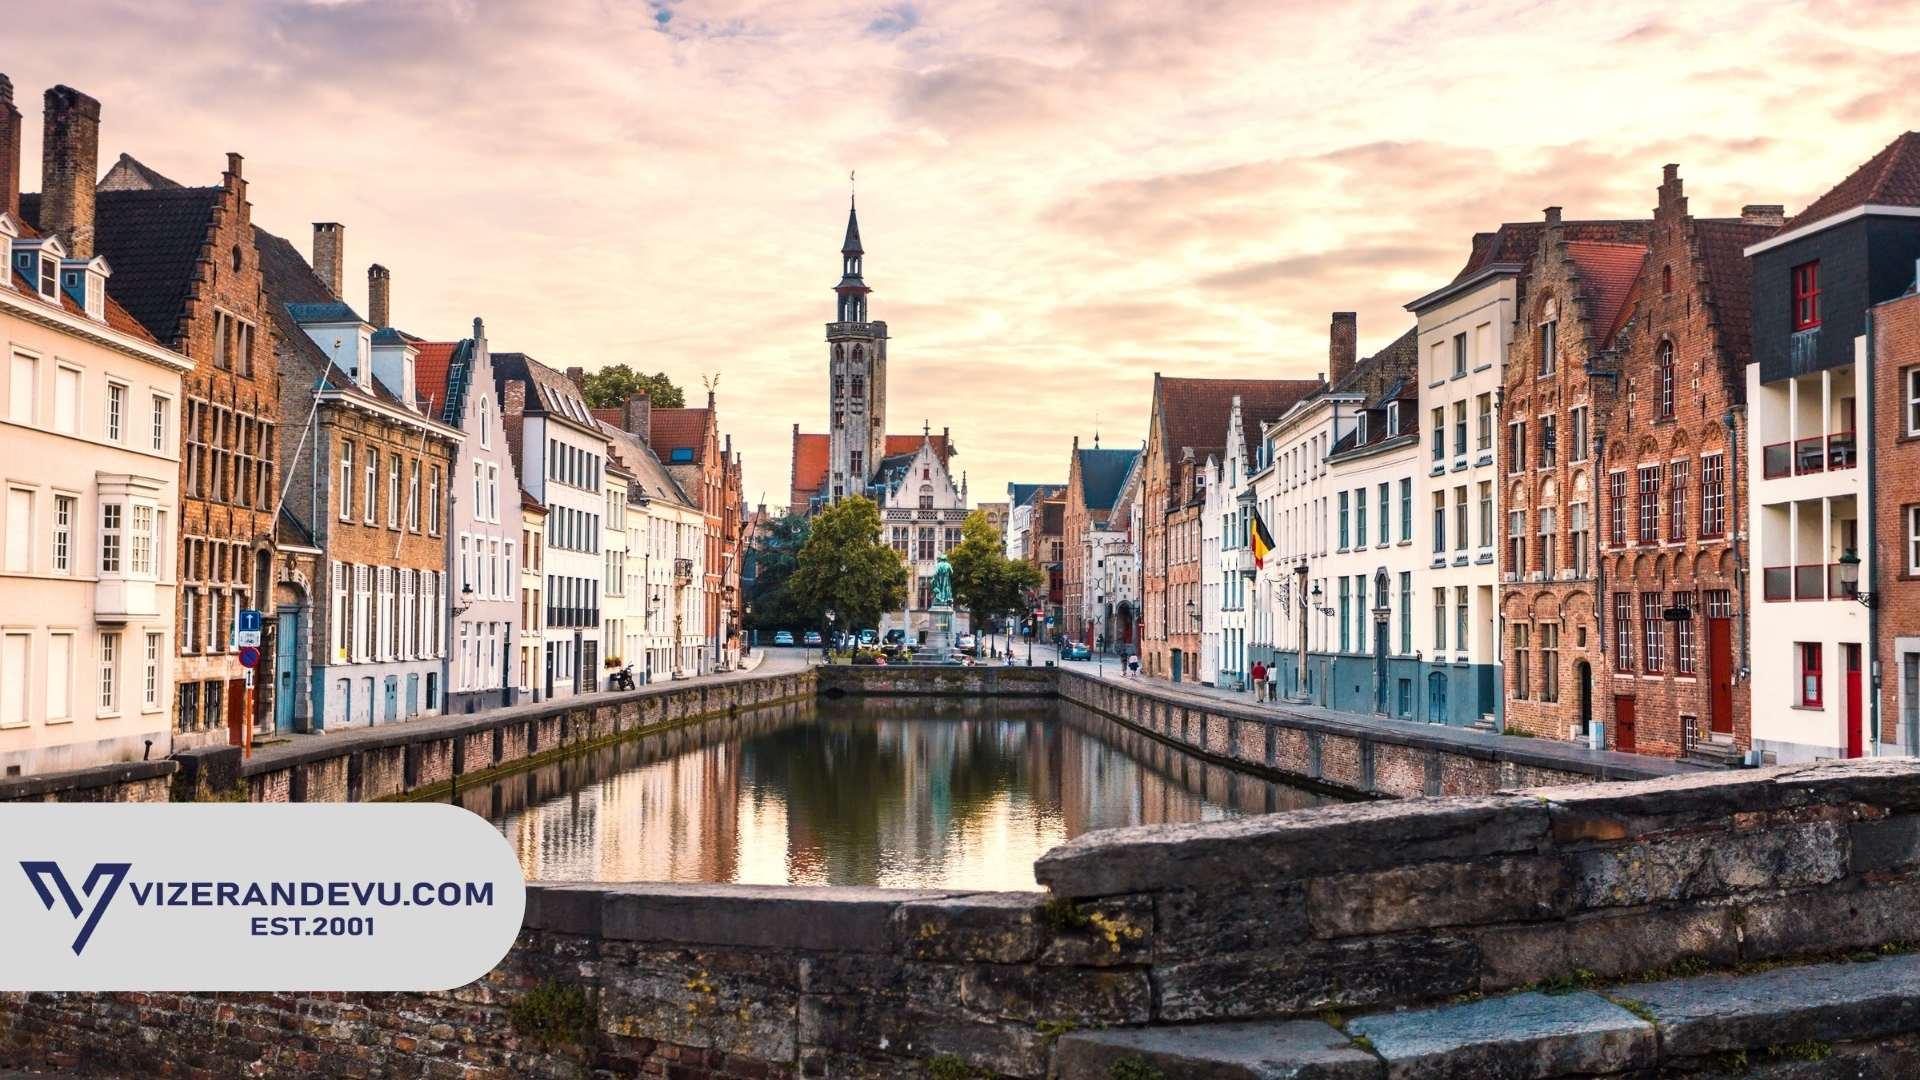 Belçika Vizesi İçin Nereye Başvuru Yapmalıyım